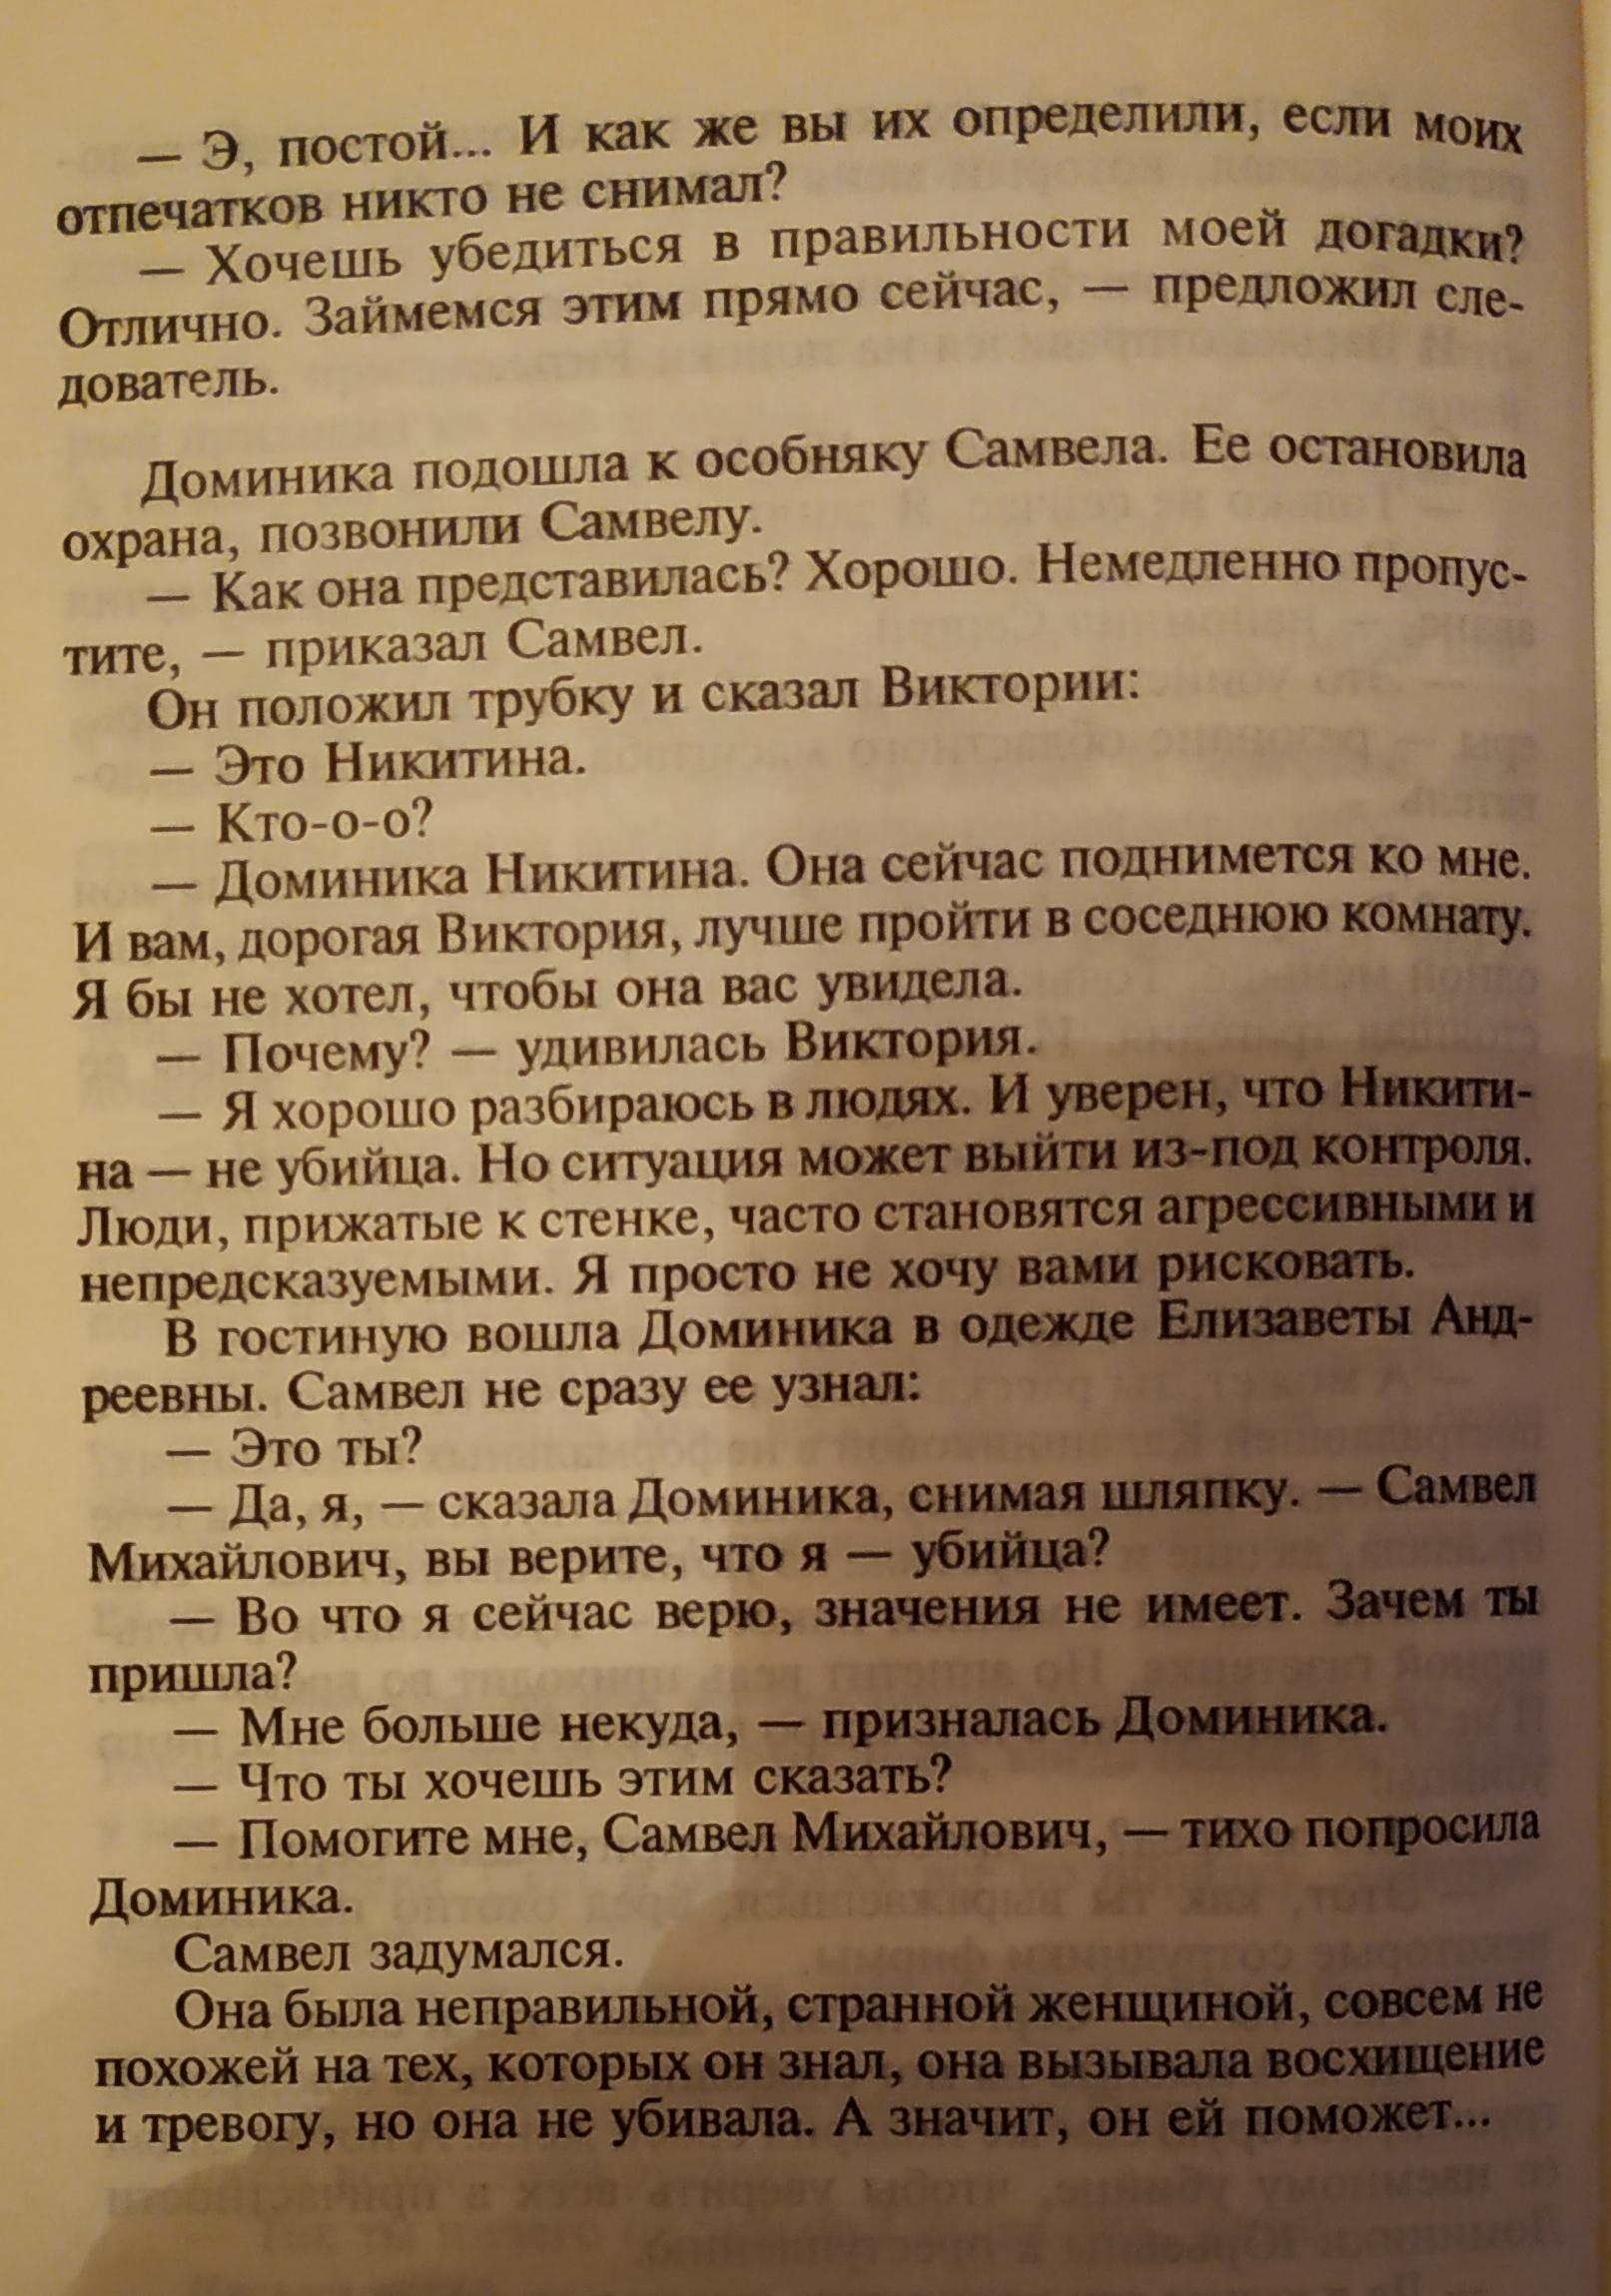 http://s8.uploads.ru/xcsyP.jpg